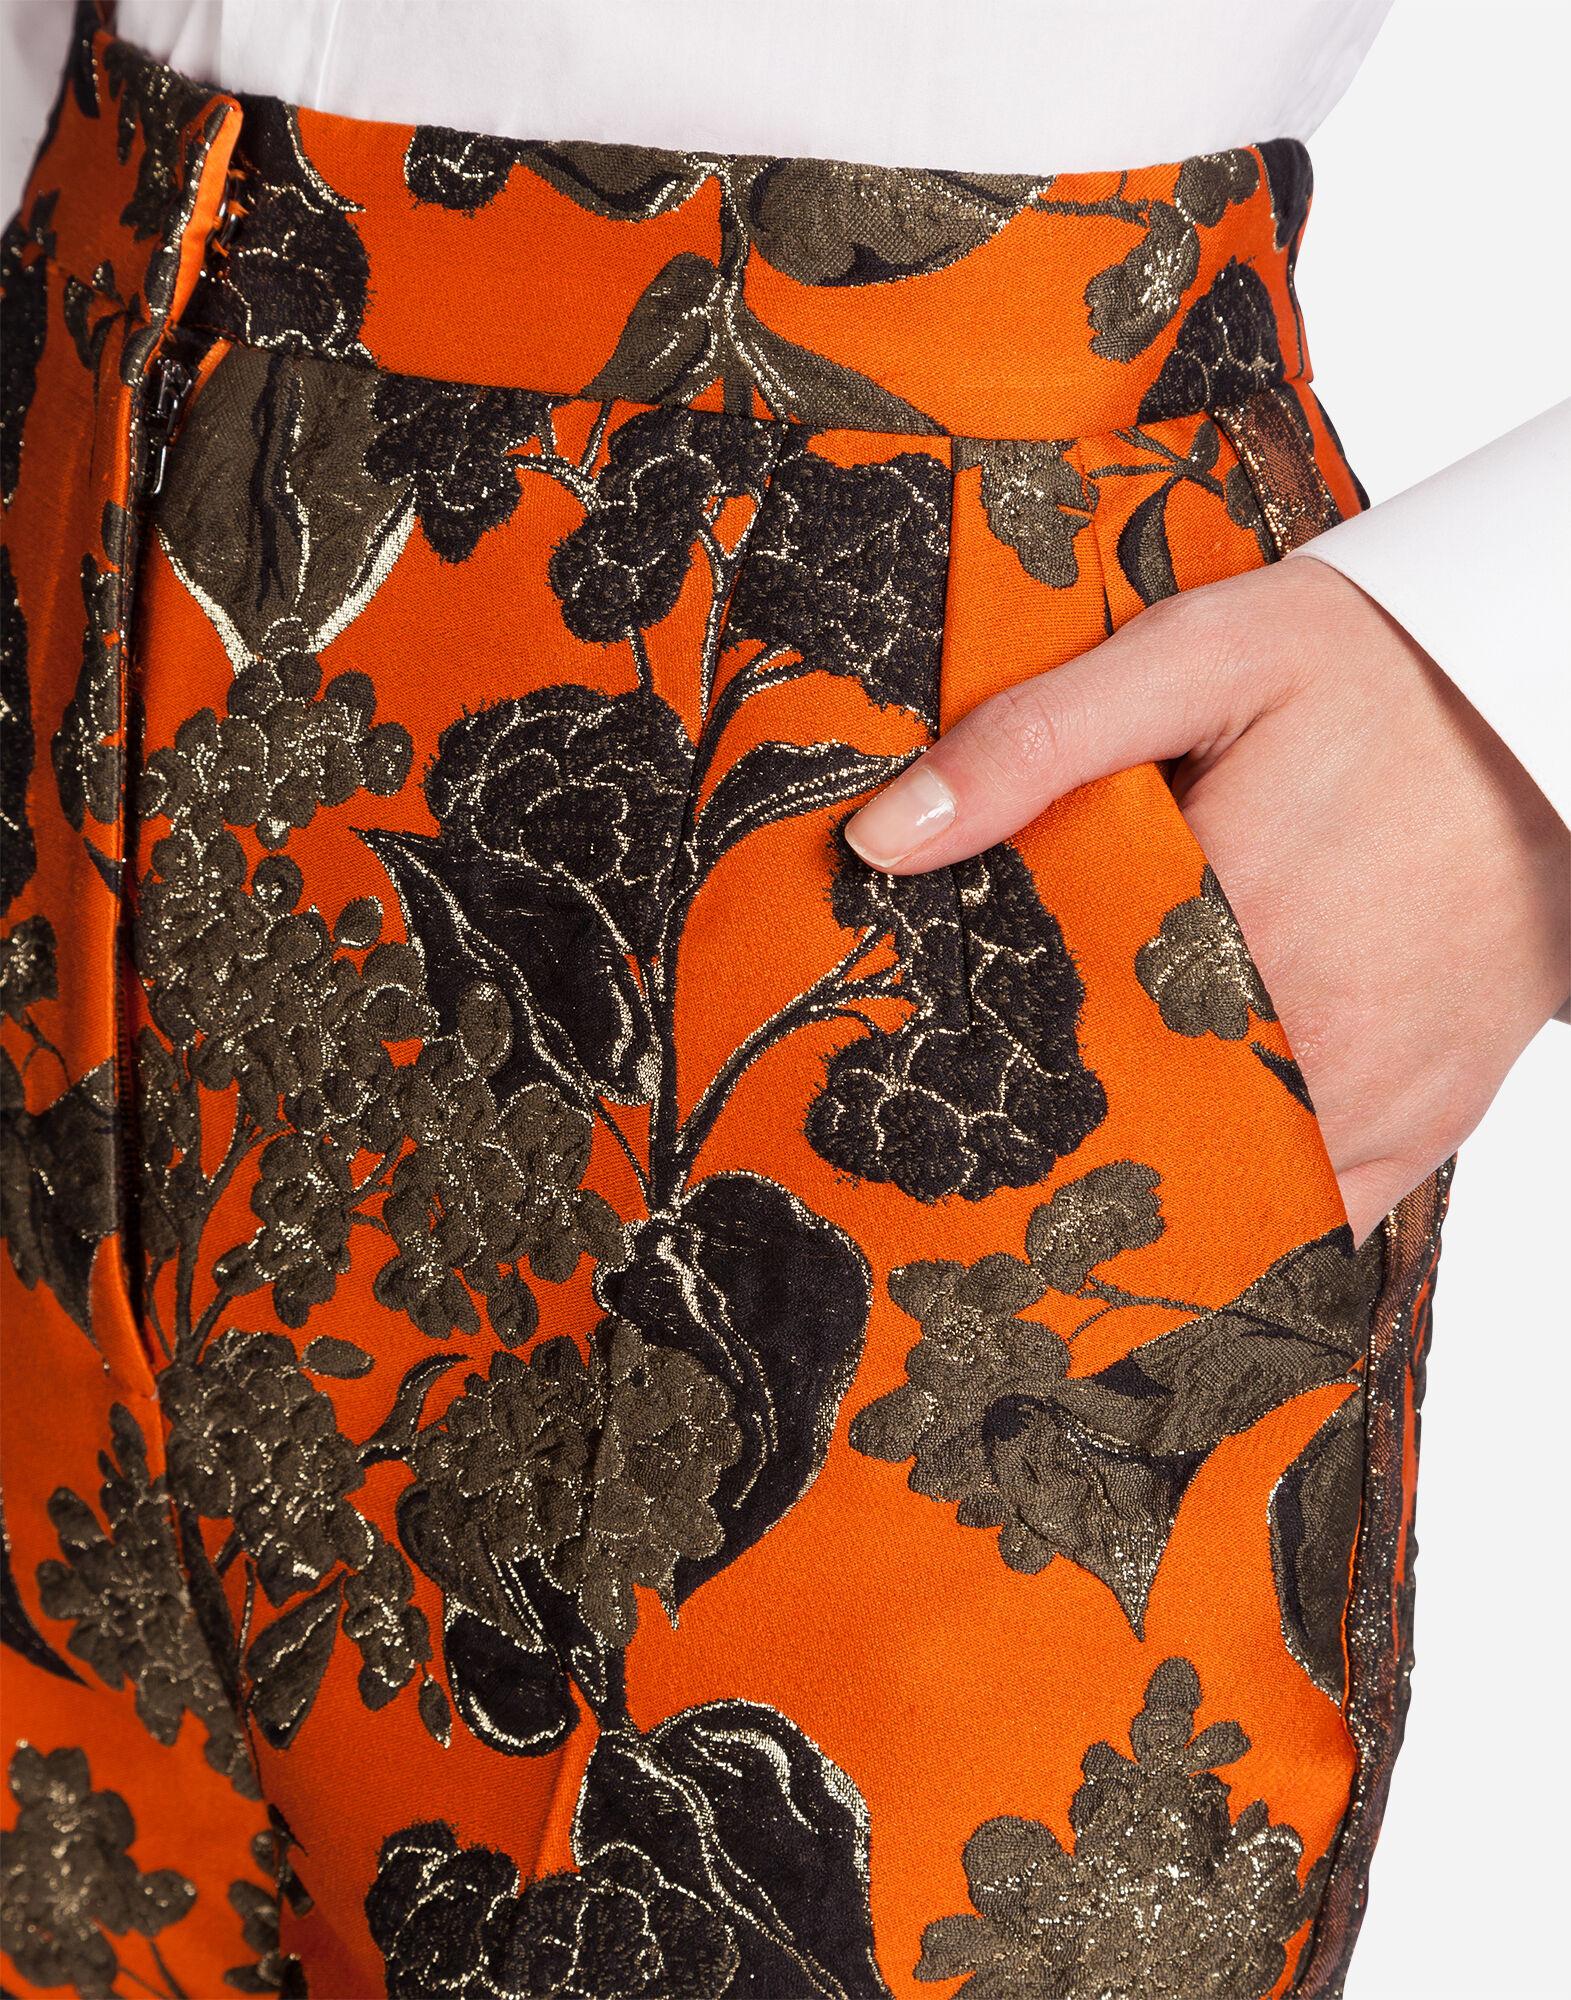 LUREX JACQUARD PANTS